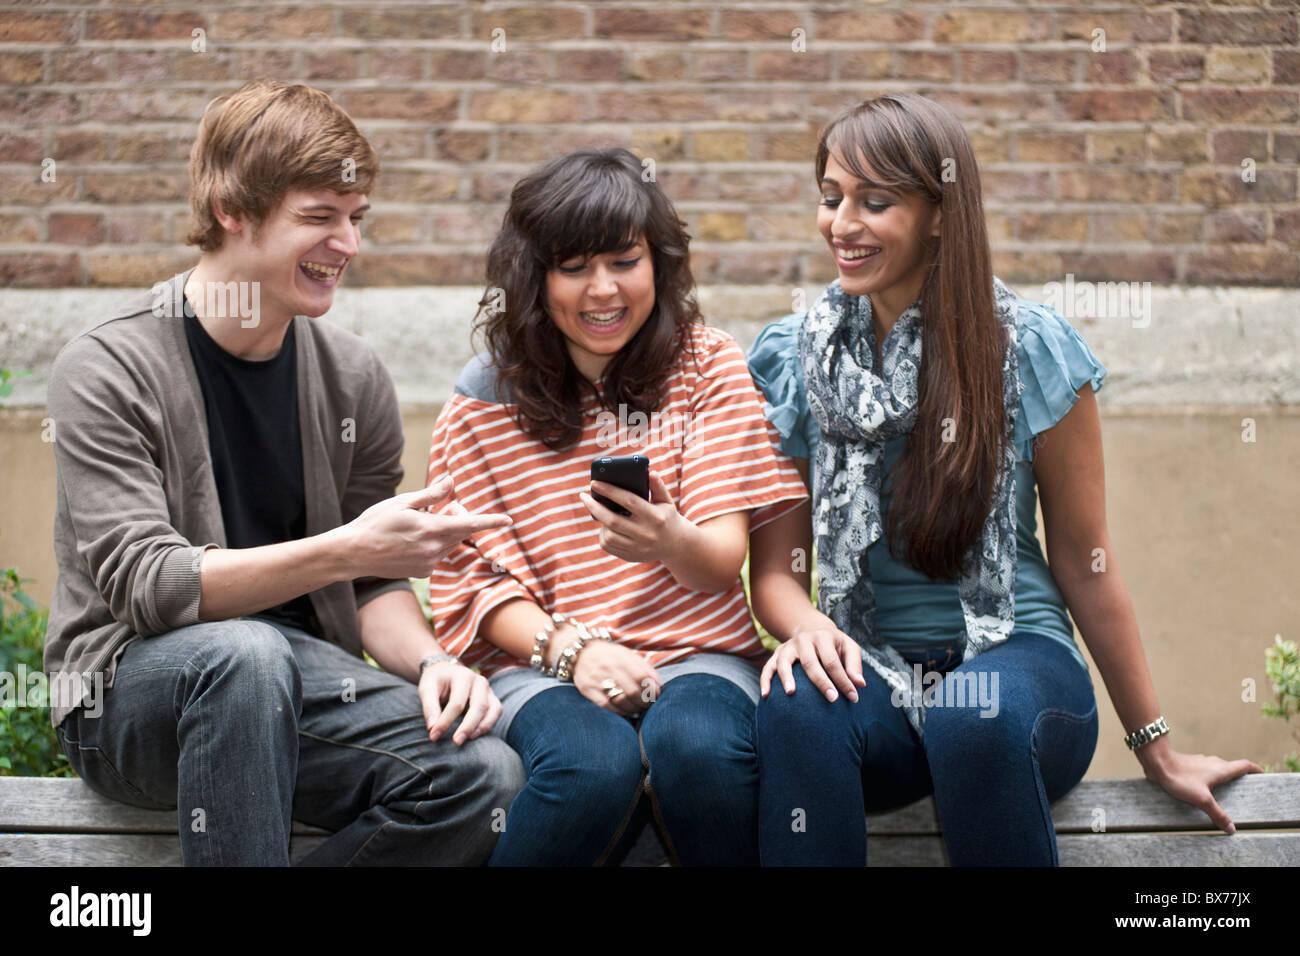 Friends sharing joke on mobile outside - Stock Image